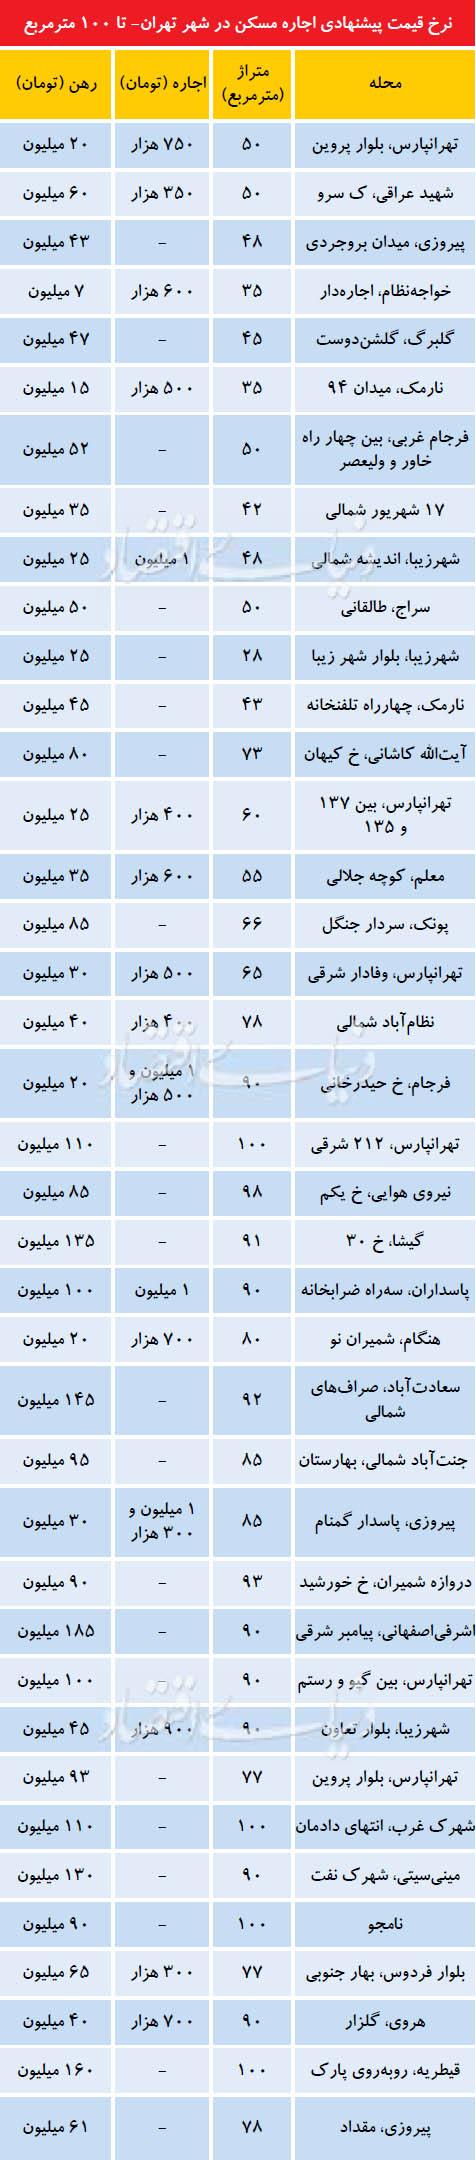 نرخ قیمت پیشنهادی مسکن در تهران